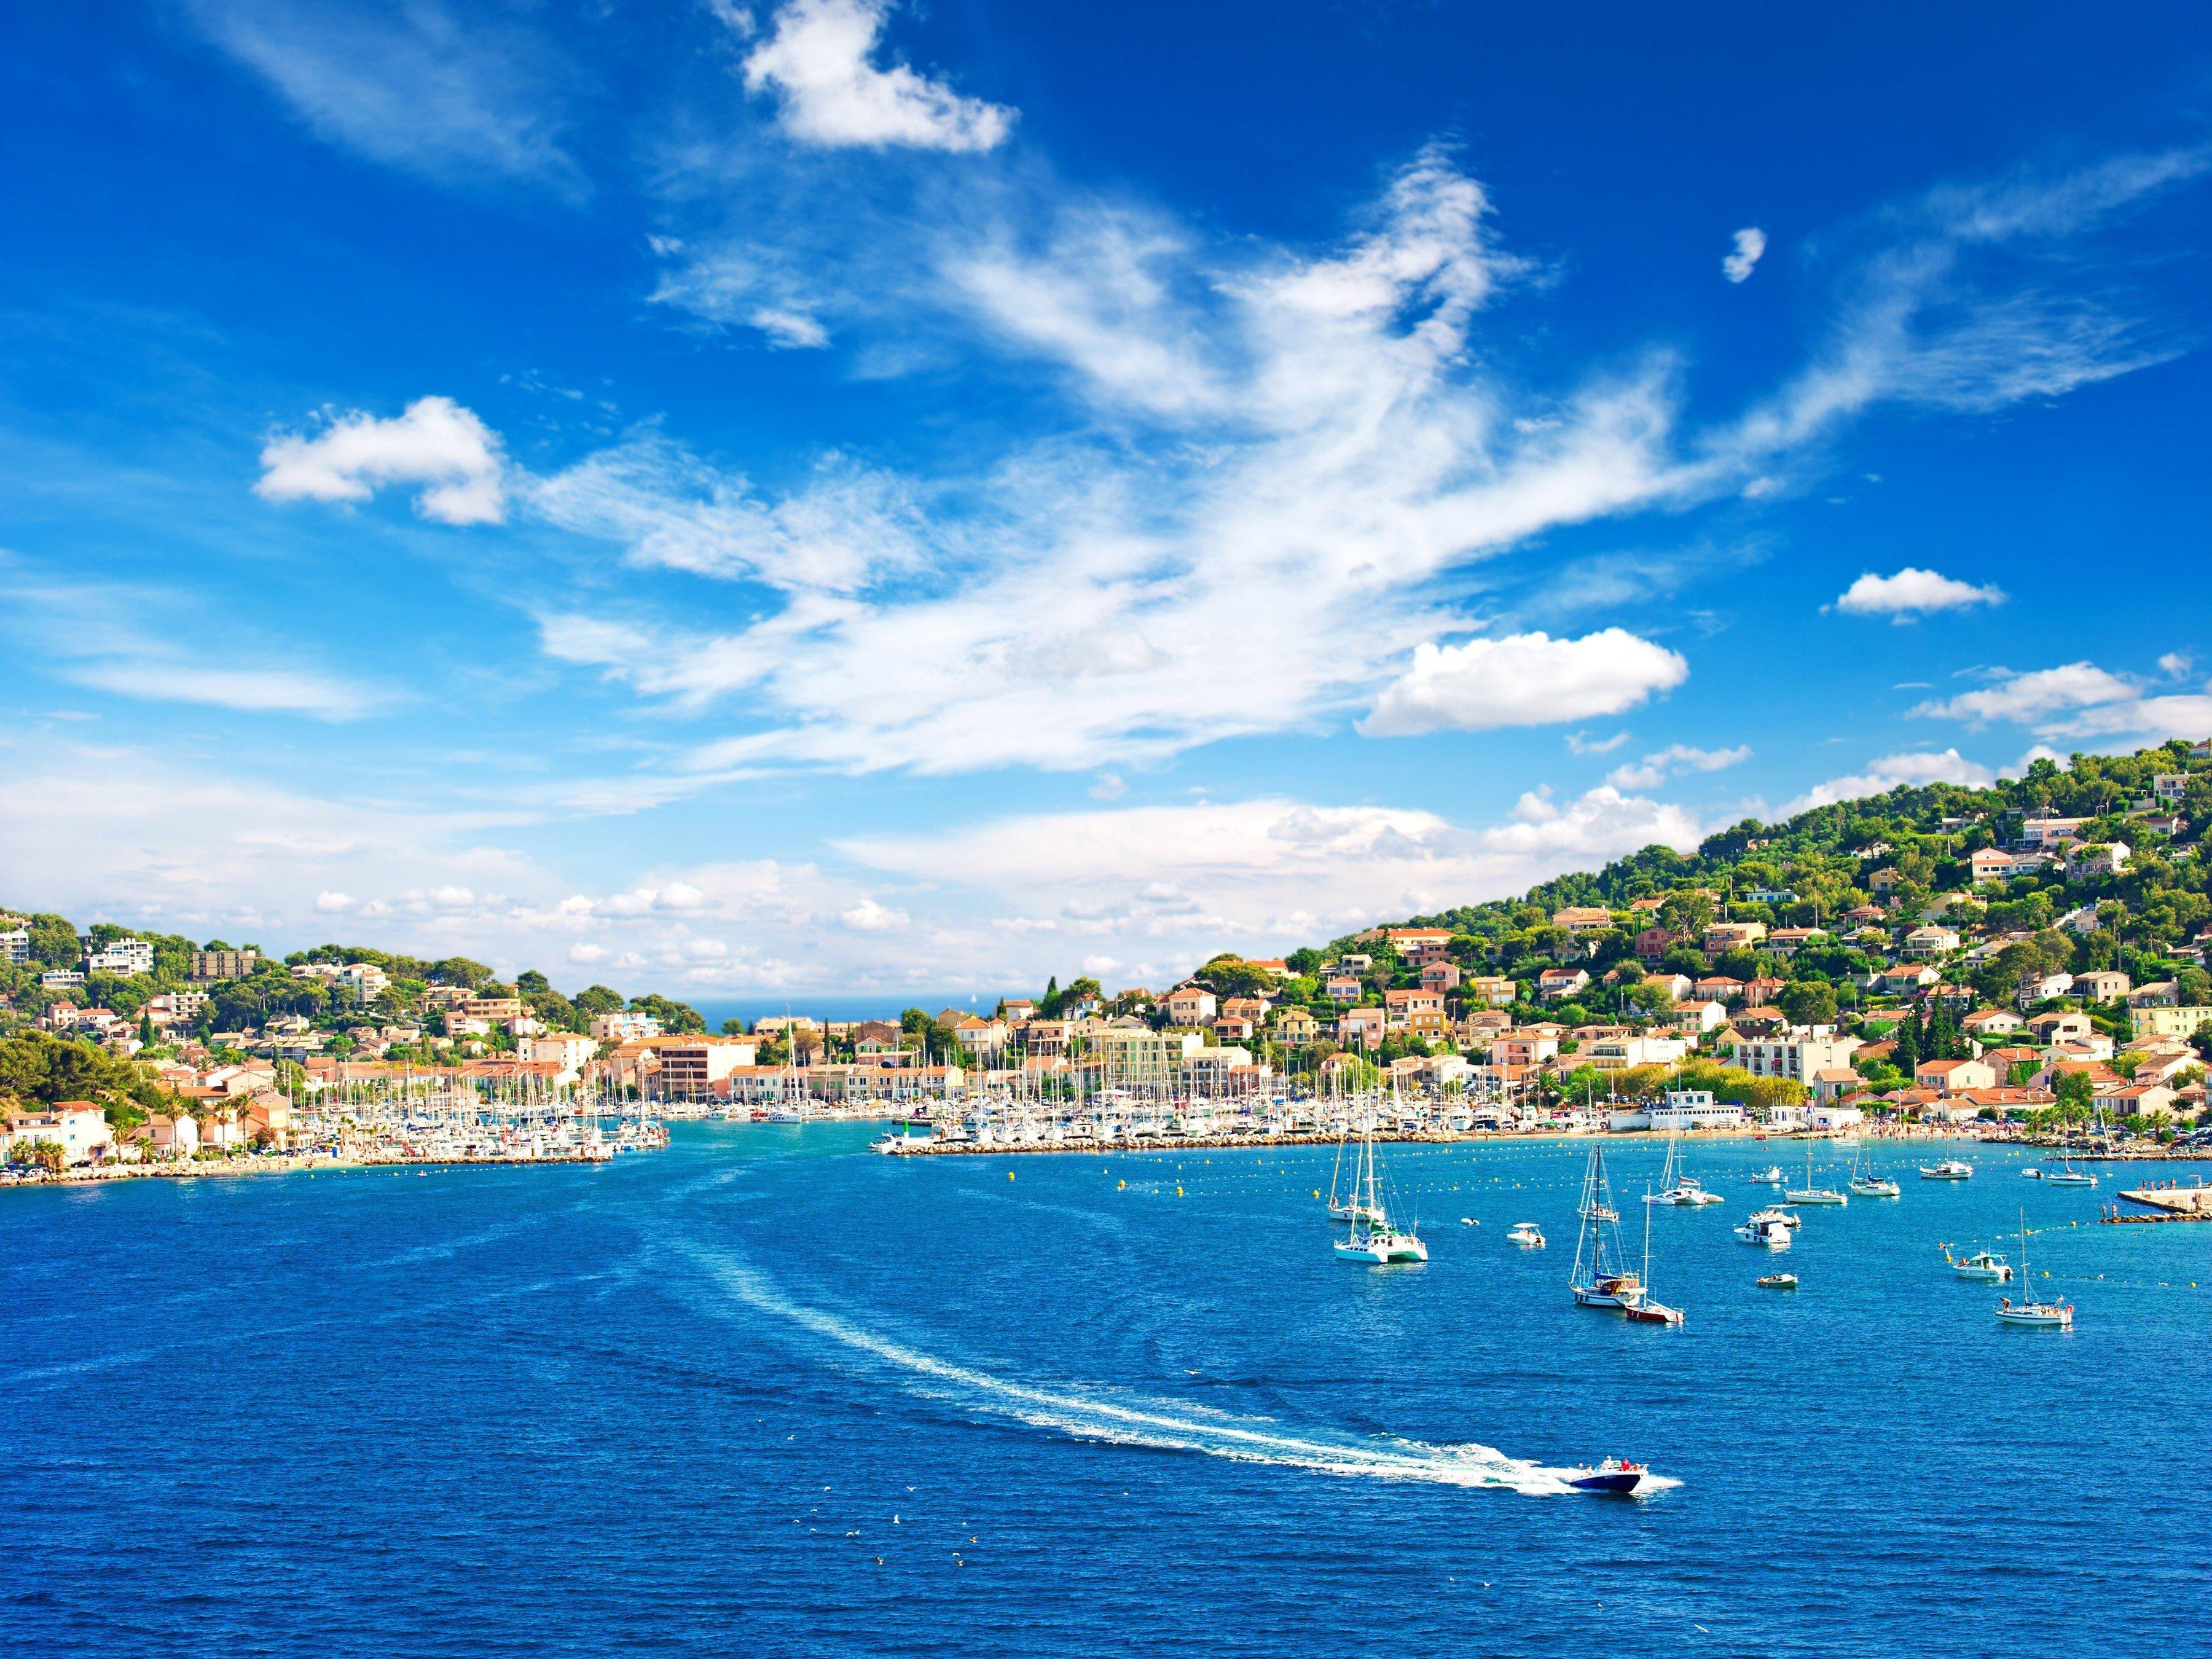 World's 10 Sexiest Places: Saint-Tropez, France